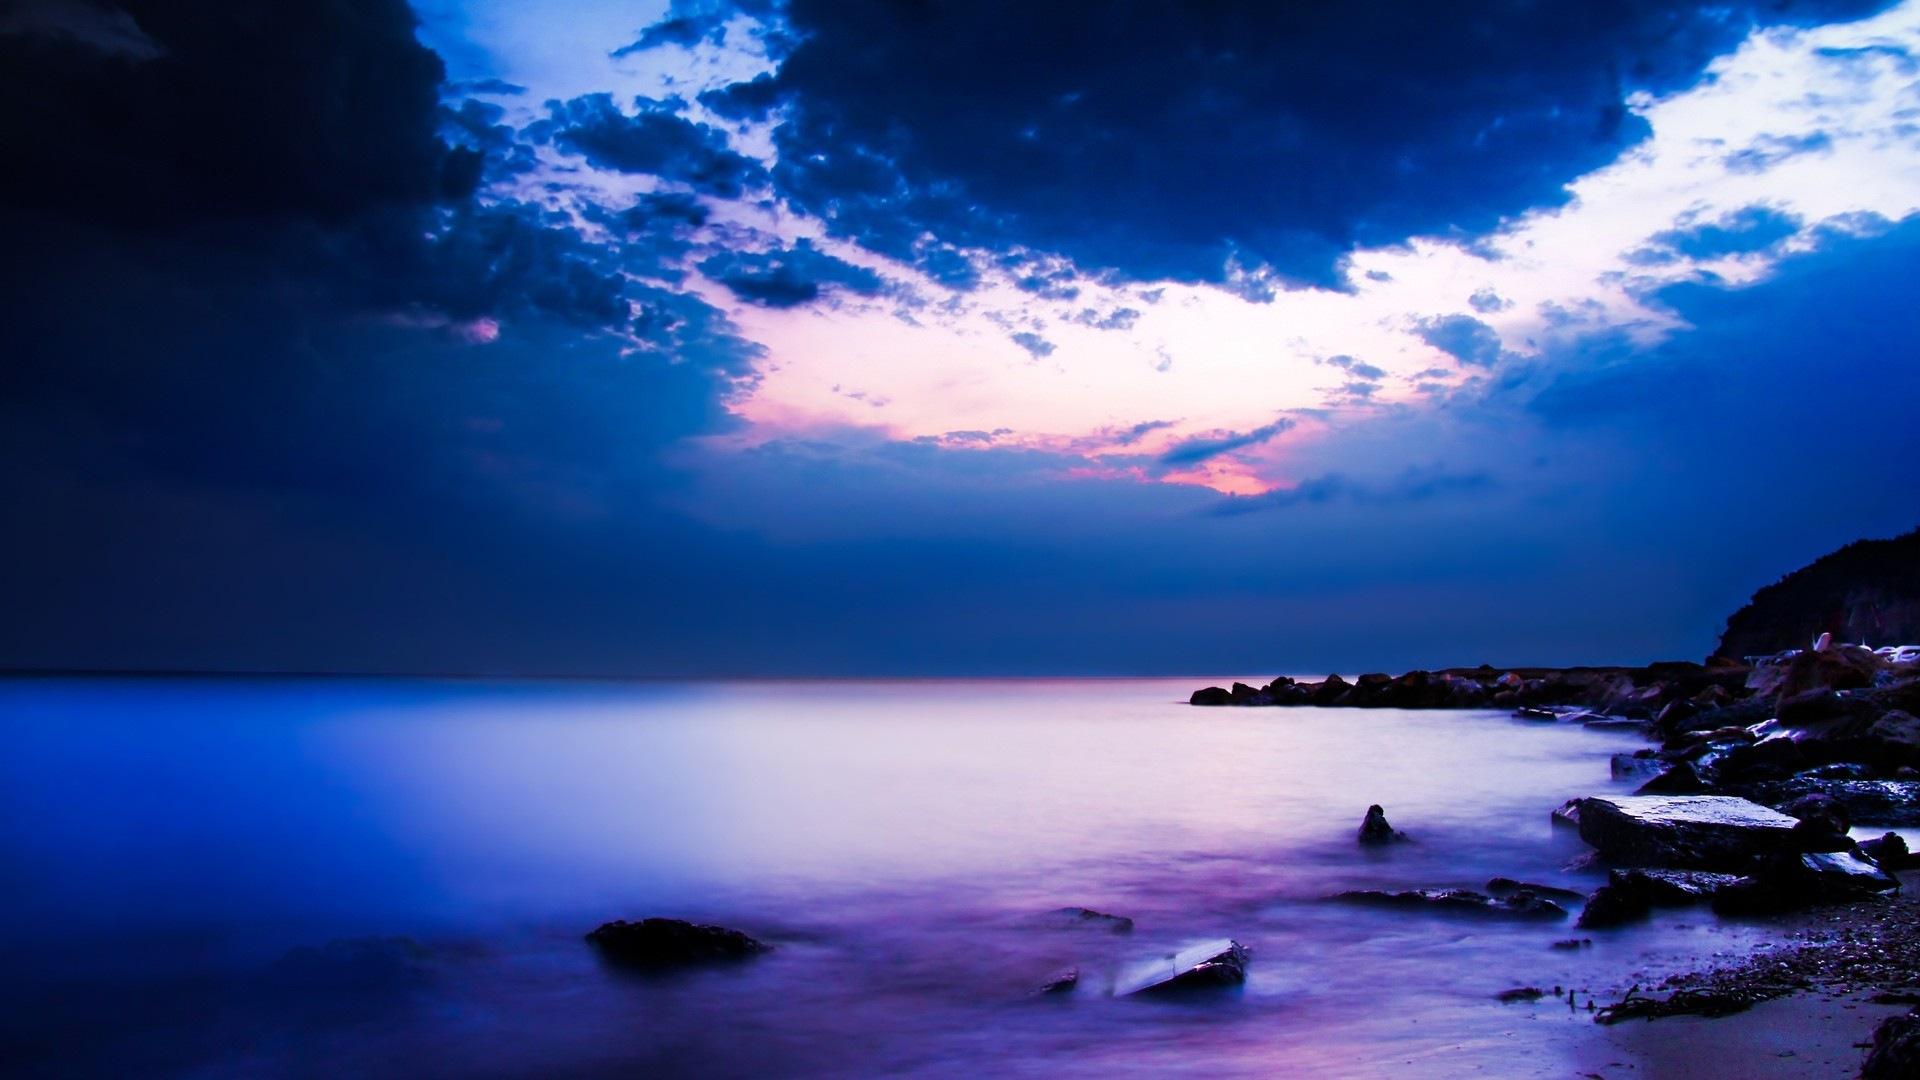 hd красивые картинки природы